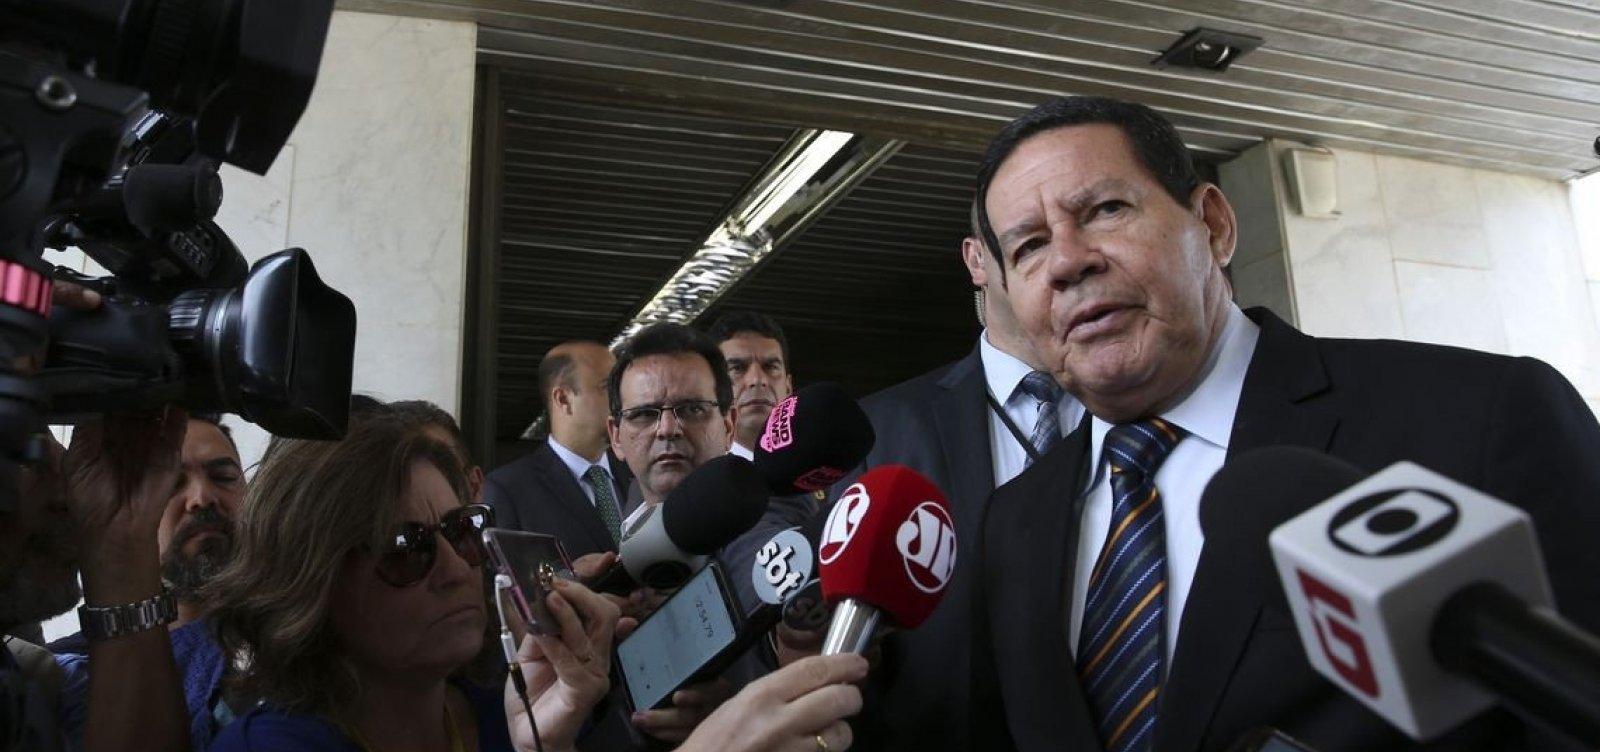 Mourão diz que depoimento de porteiro não derruba, mas 'perturba' governo Bolsonaro